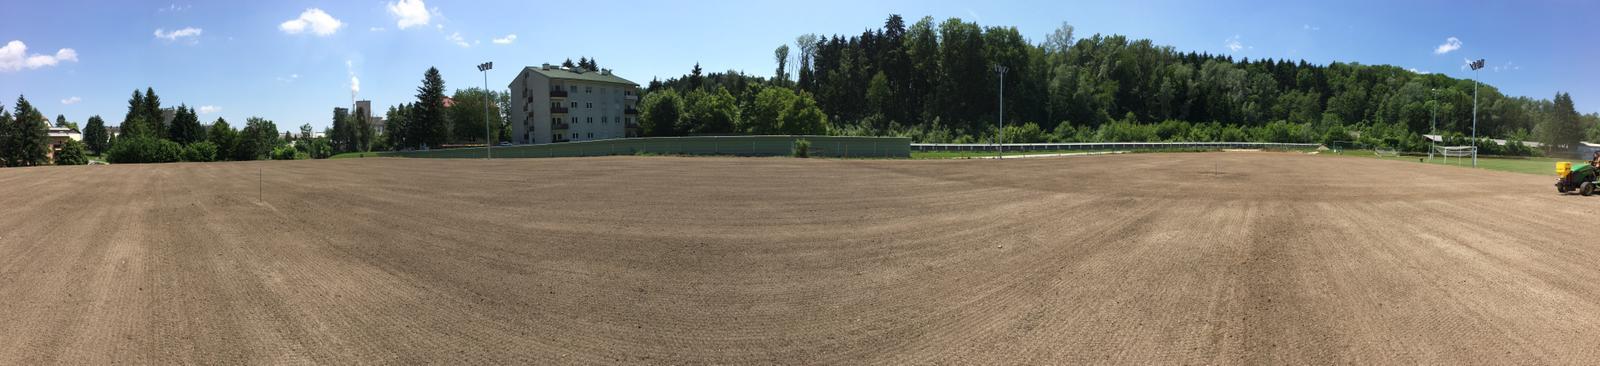 Sportplatz Retznei26